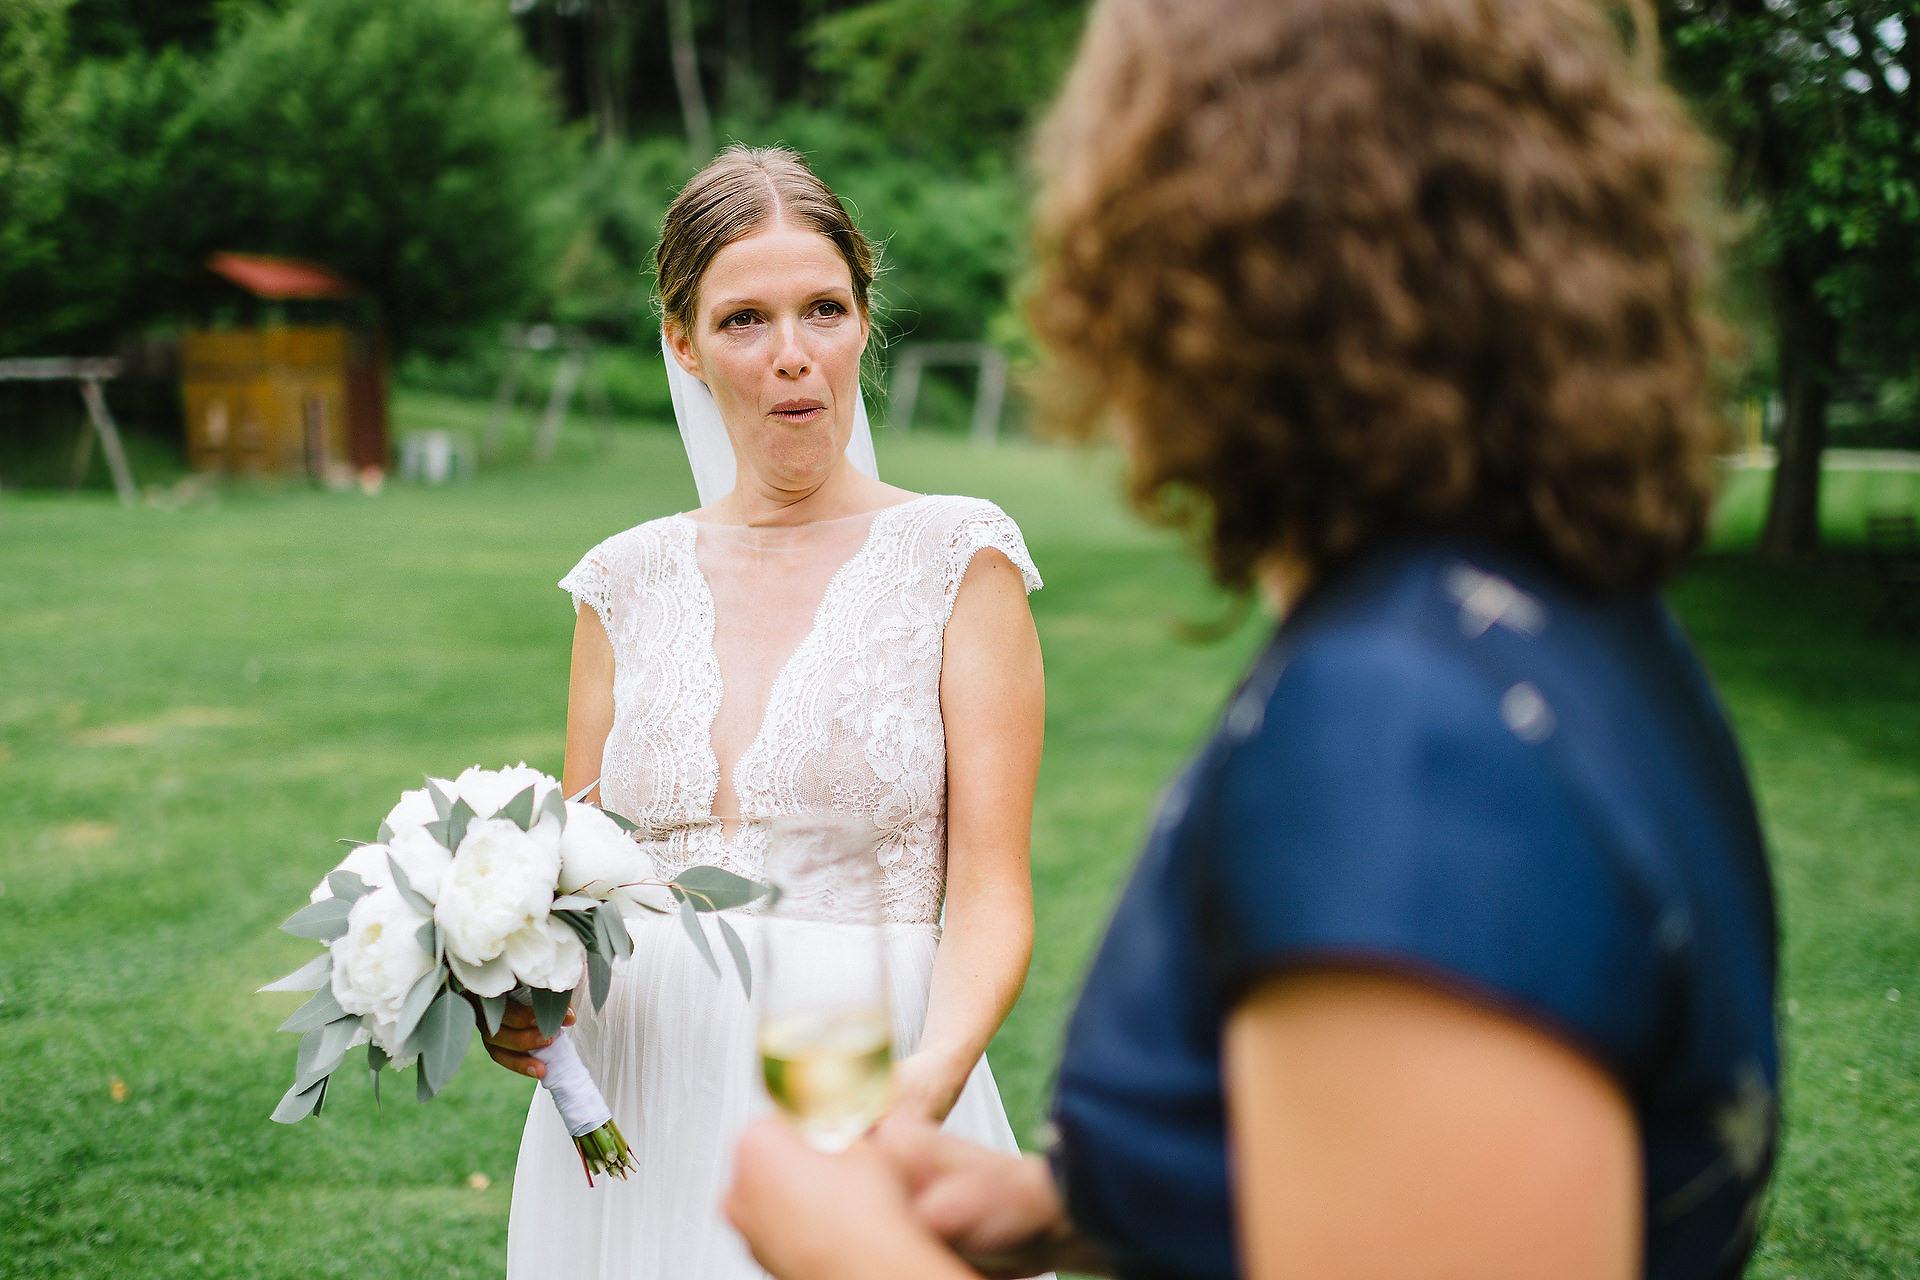 Fotograf Konstanz - Hochzeitsreportage Freiburg Hofgut Lilienhof Hochzeit Fotograf Konstanz 36 - Hochzeit in Freiburg und Hofgut Lilienhof  - 135 -